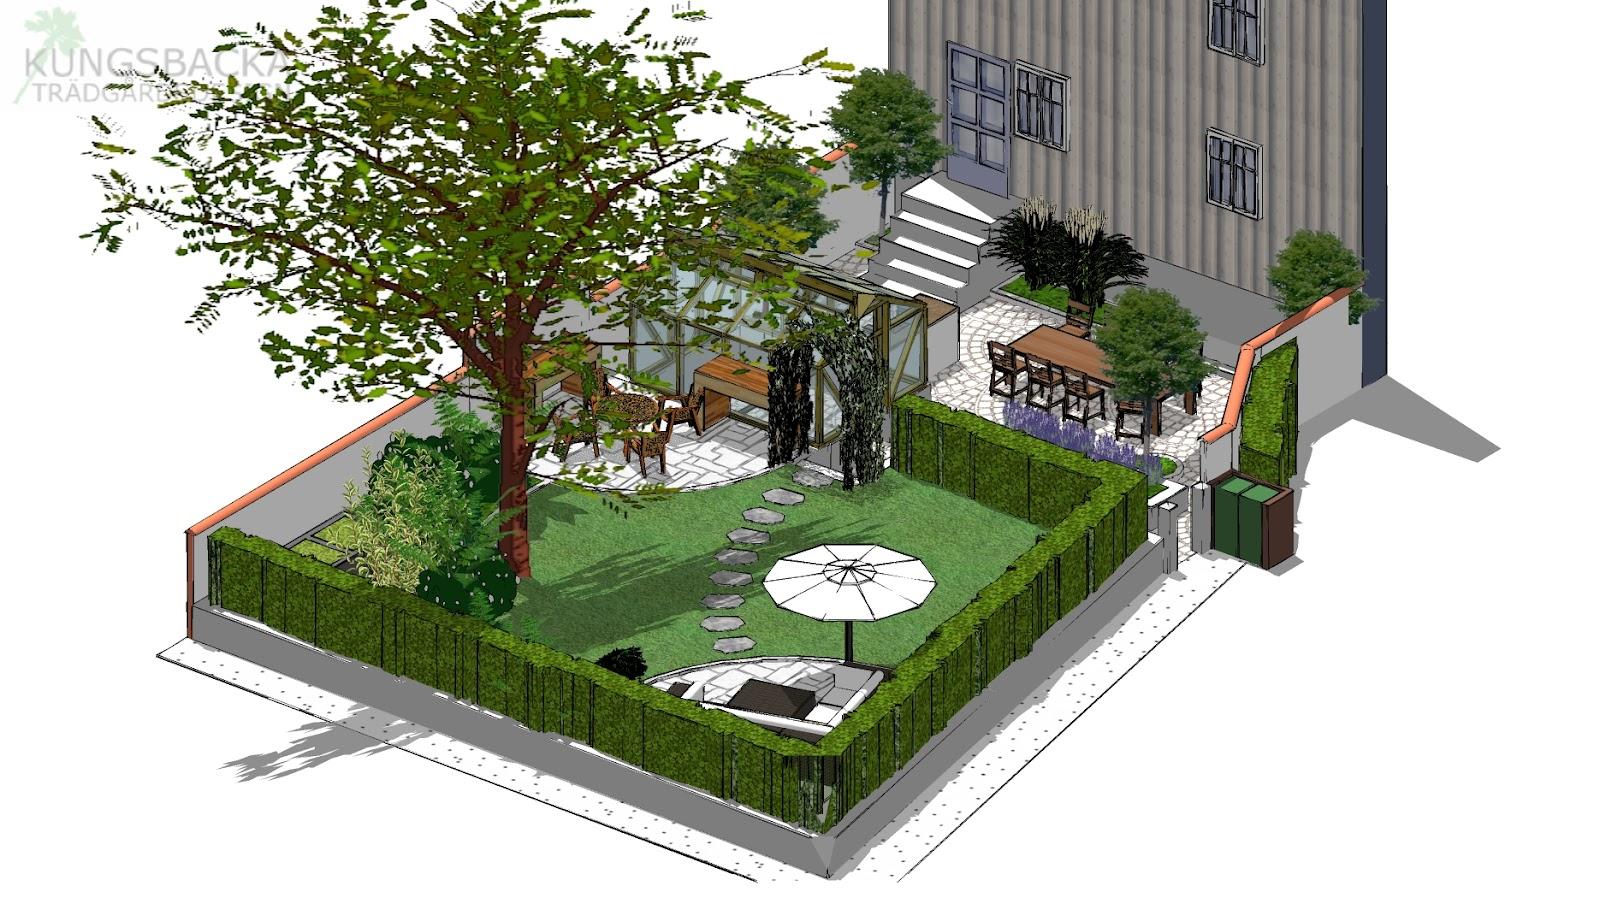 Bildresultat för trädgårdsdesign